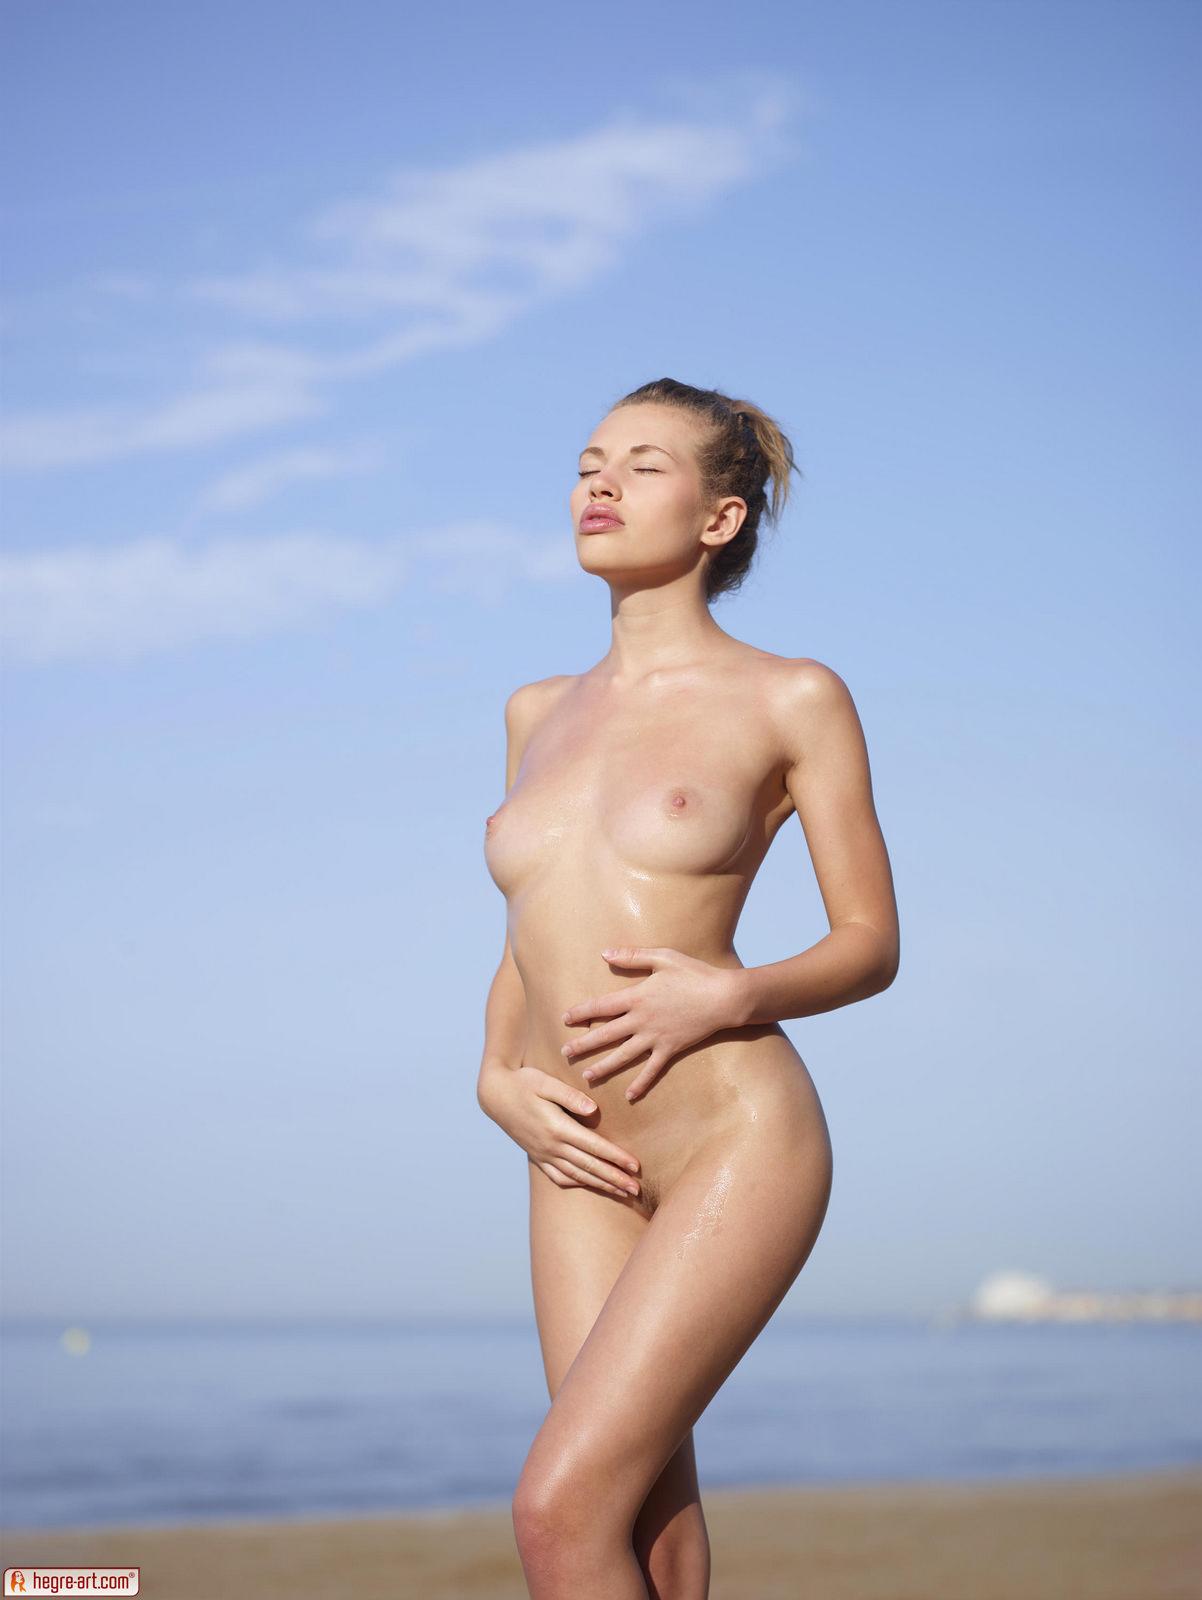 Zdjęcie porno - 027 - Śliskie ciałko